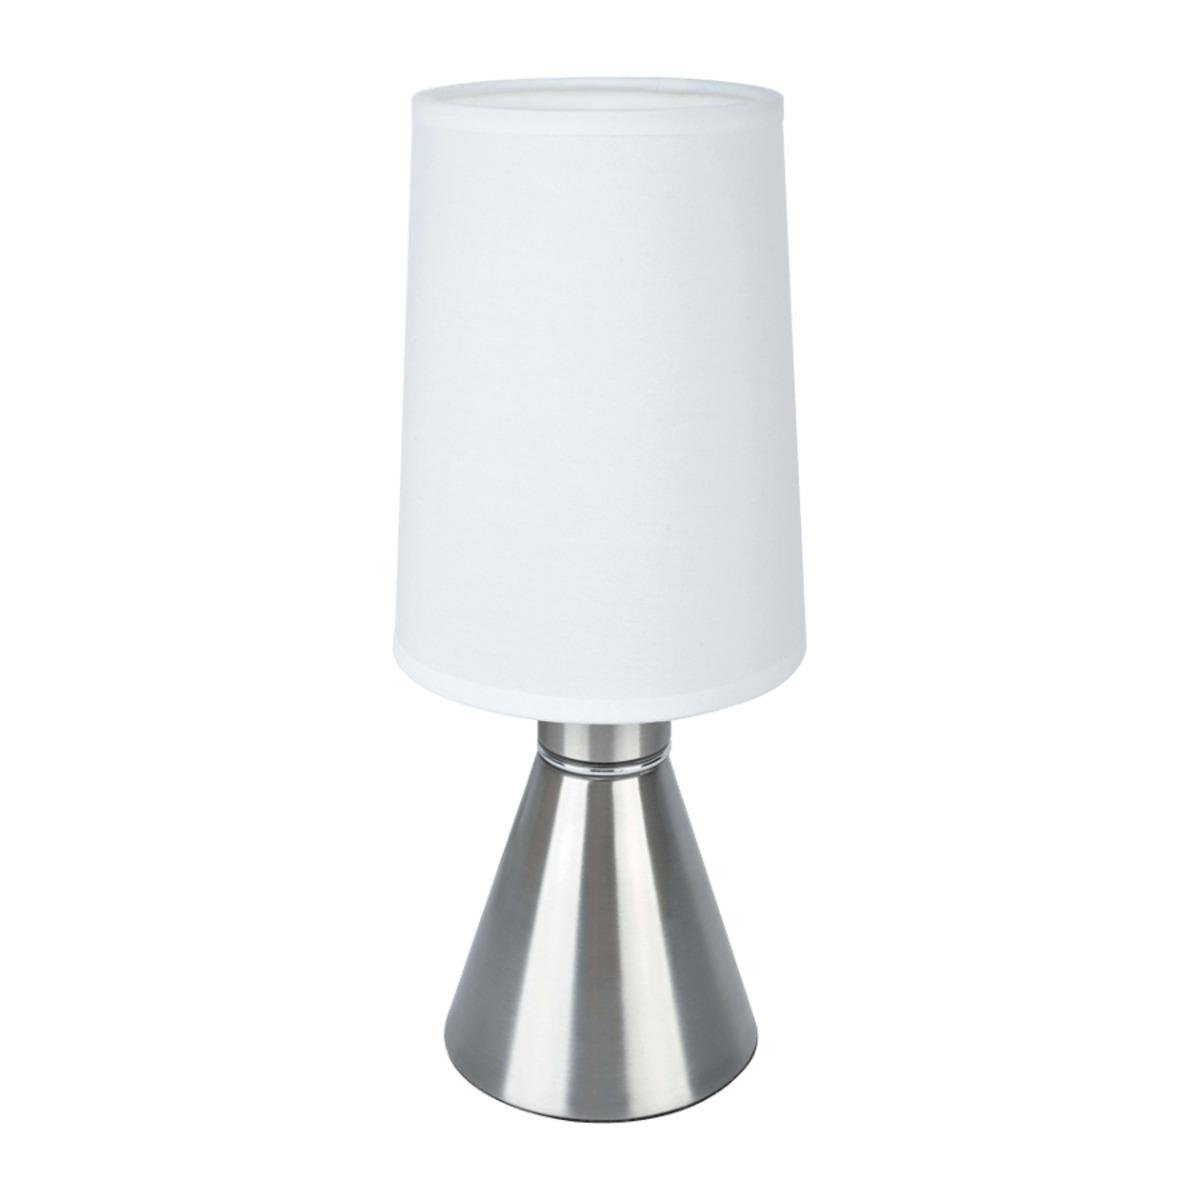 Bild 2 von LIGHTZONE     LED-Tischleuchte